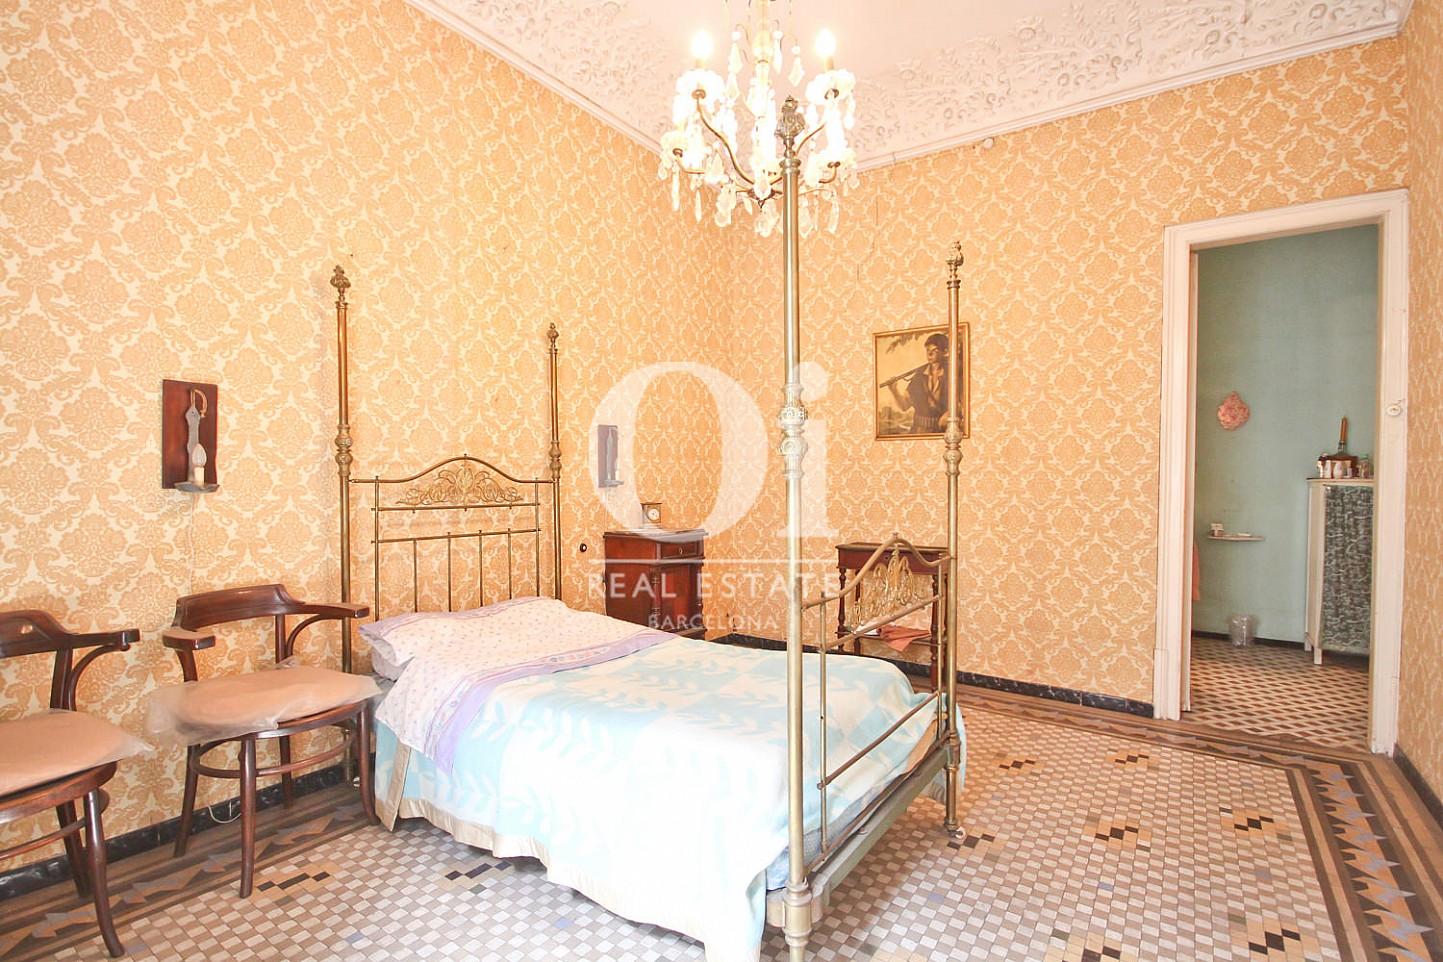 Chambre lumineuse dans un appartement de luxe en vente à Barcelone